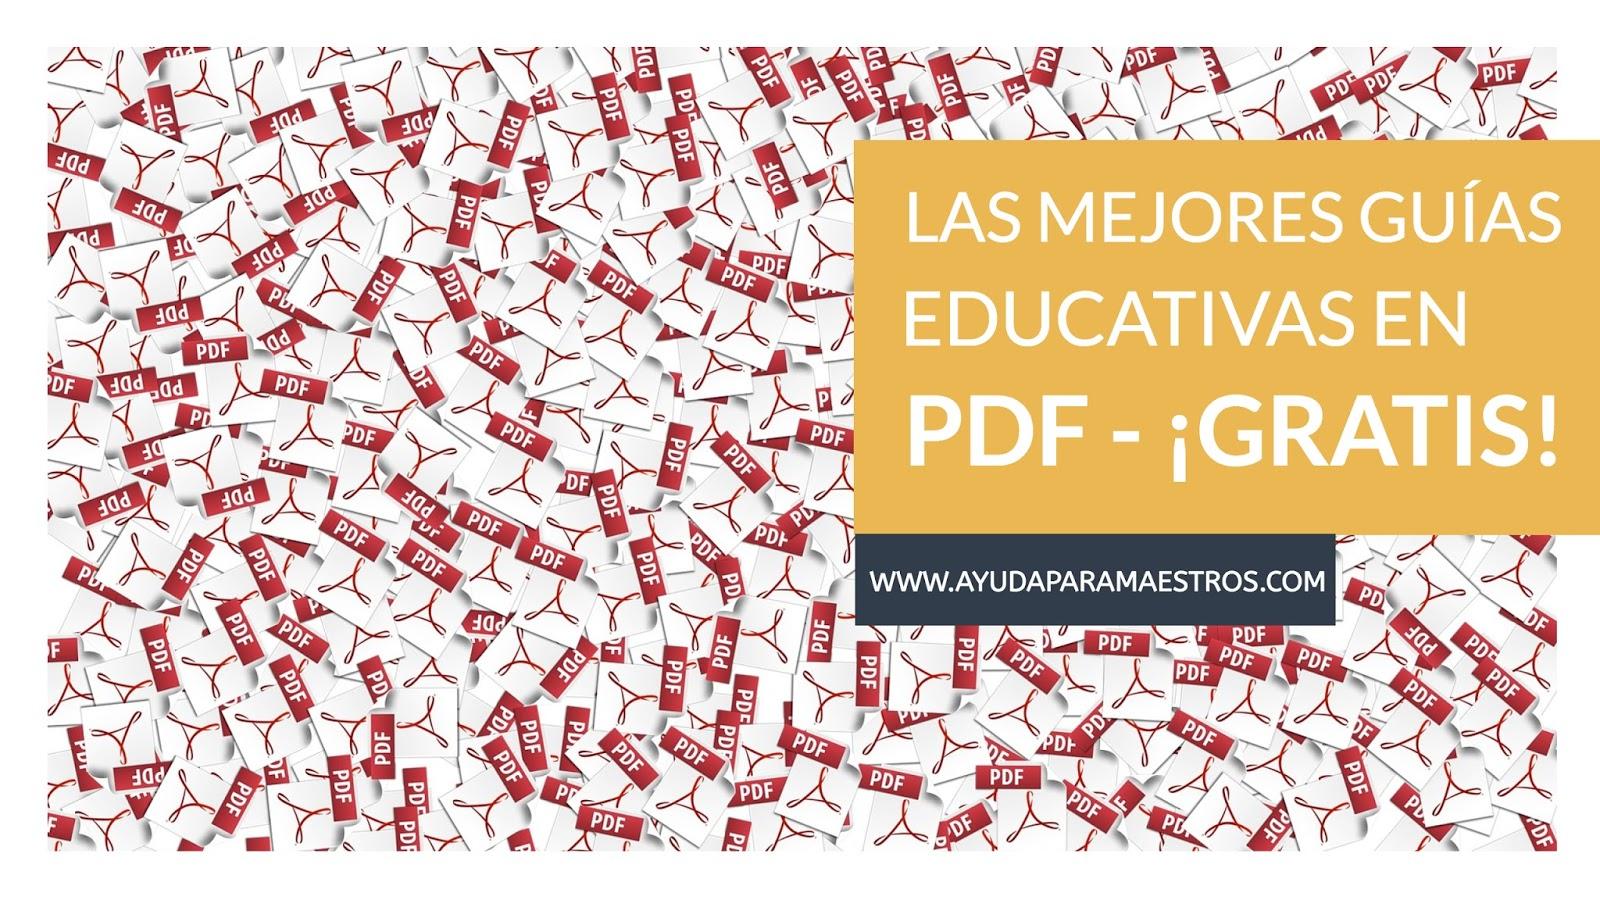 AYUDA PARA MAESTROS: Las mejores guías educativas en PDF - ¡Gratis!